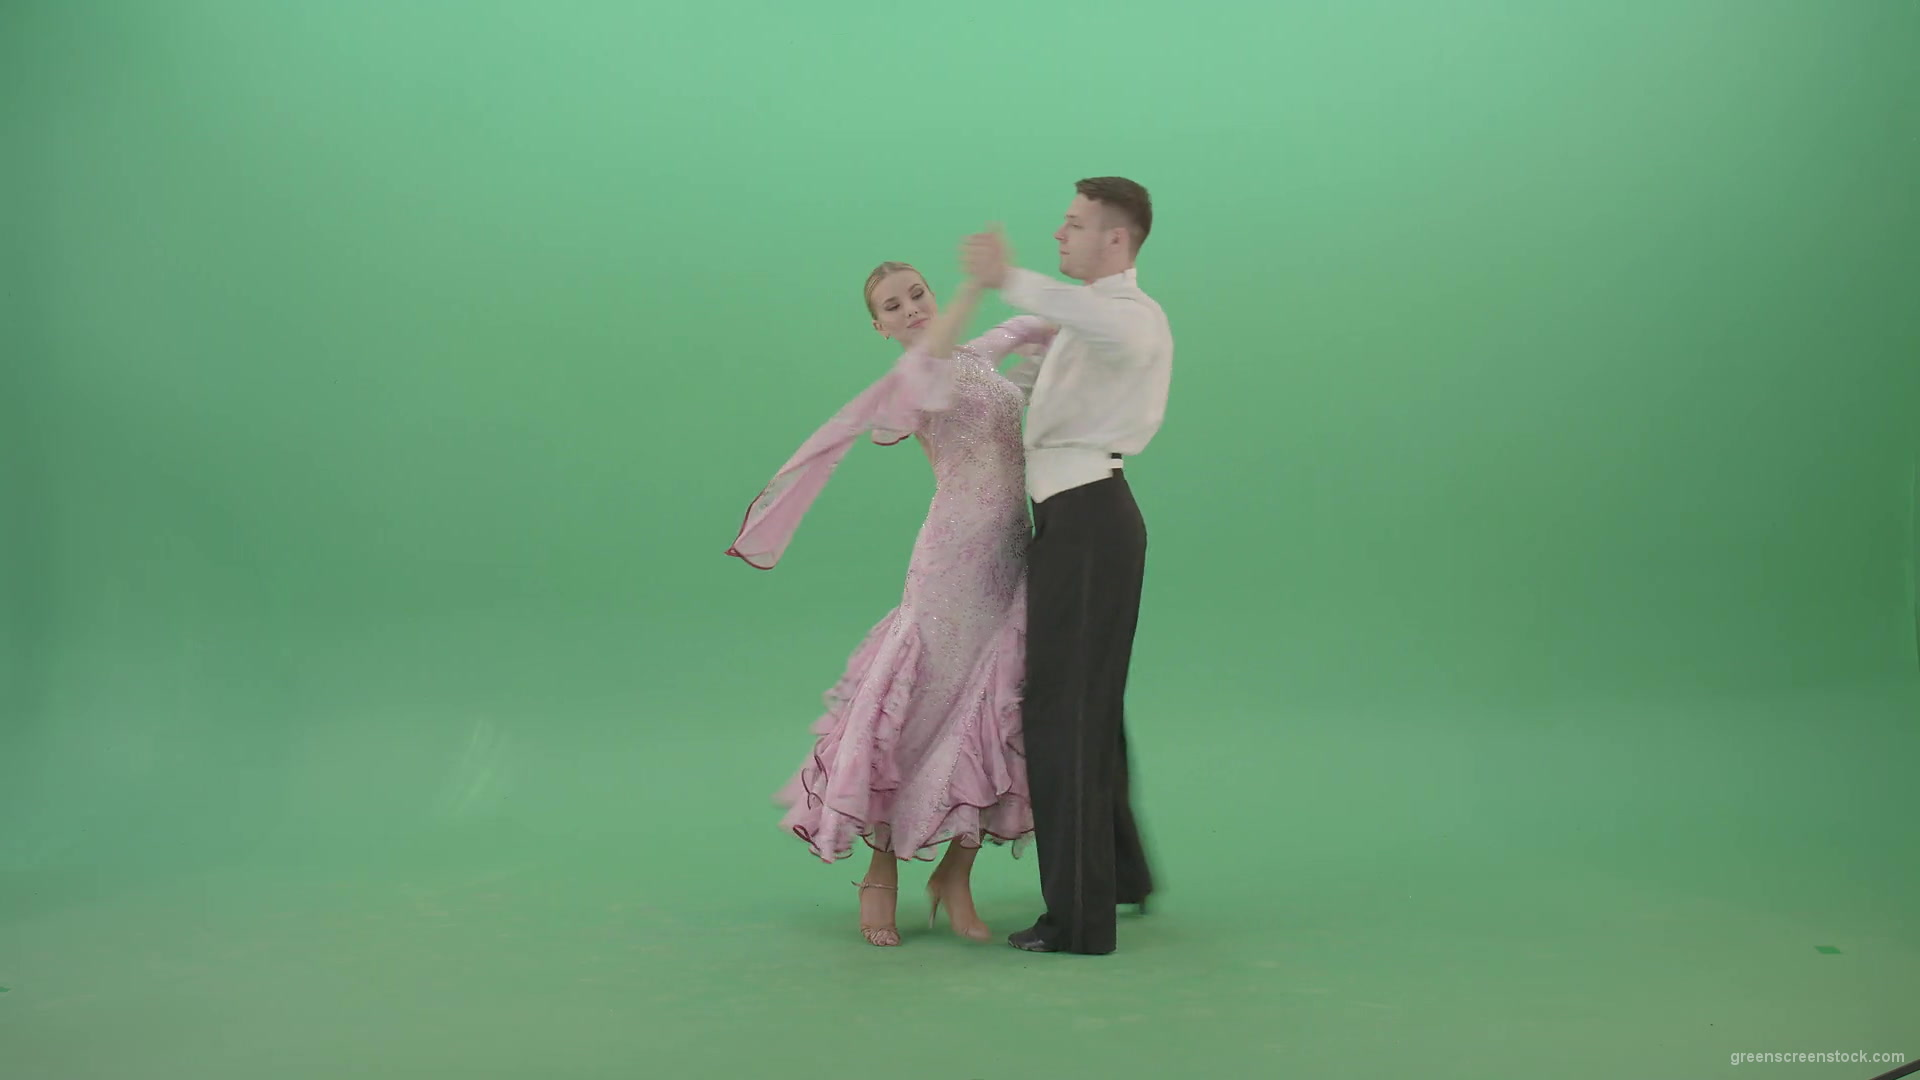 Ballet Dance Green Screen Footage